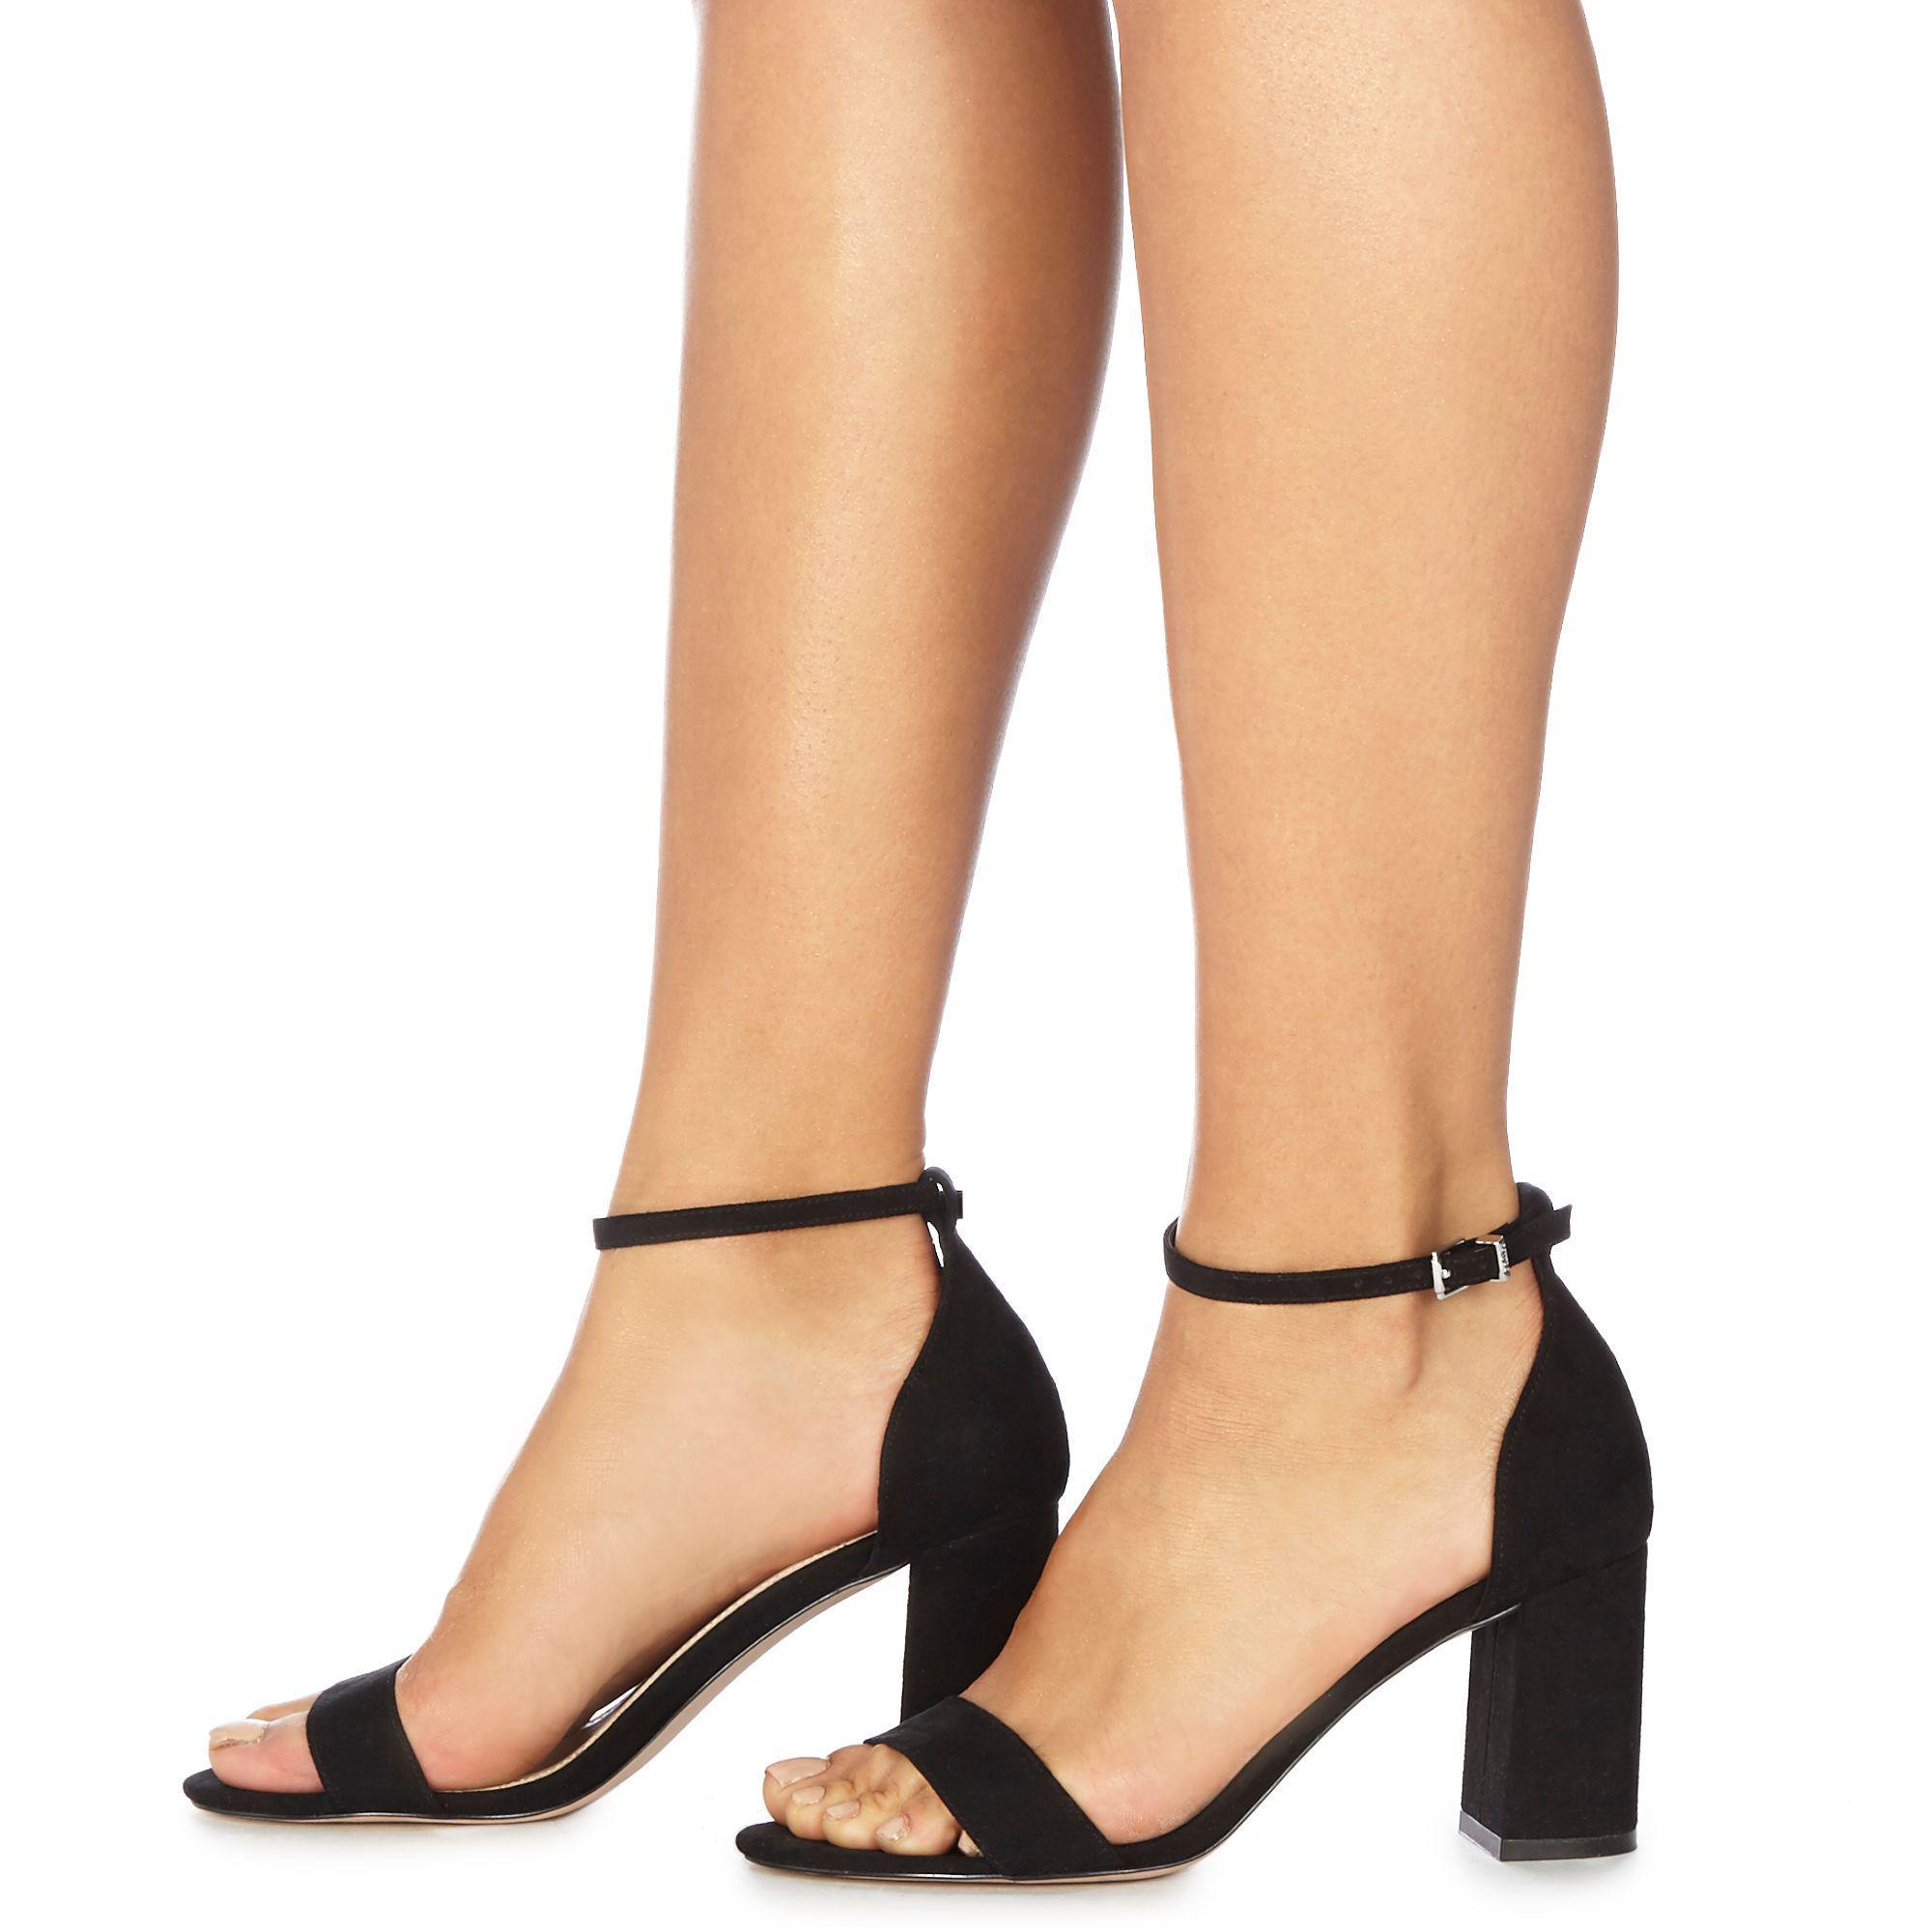 9e0951c27e3 Faith. Women s Black Suedette  demi  High Heel Wide Fit Ankle Strap Sandals